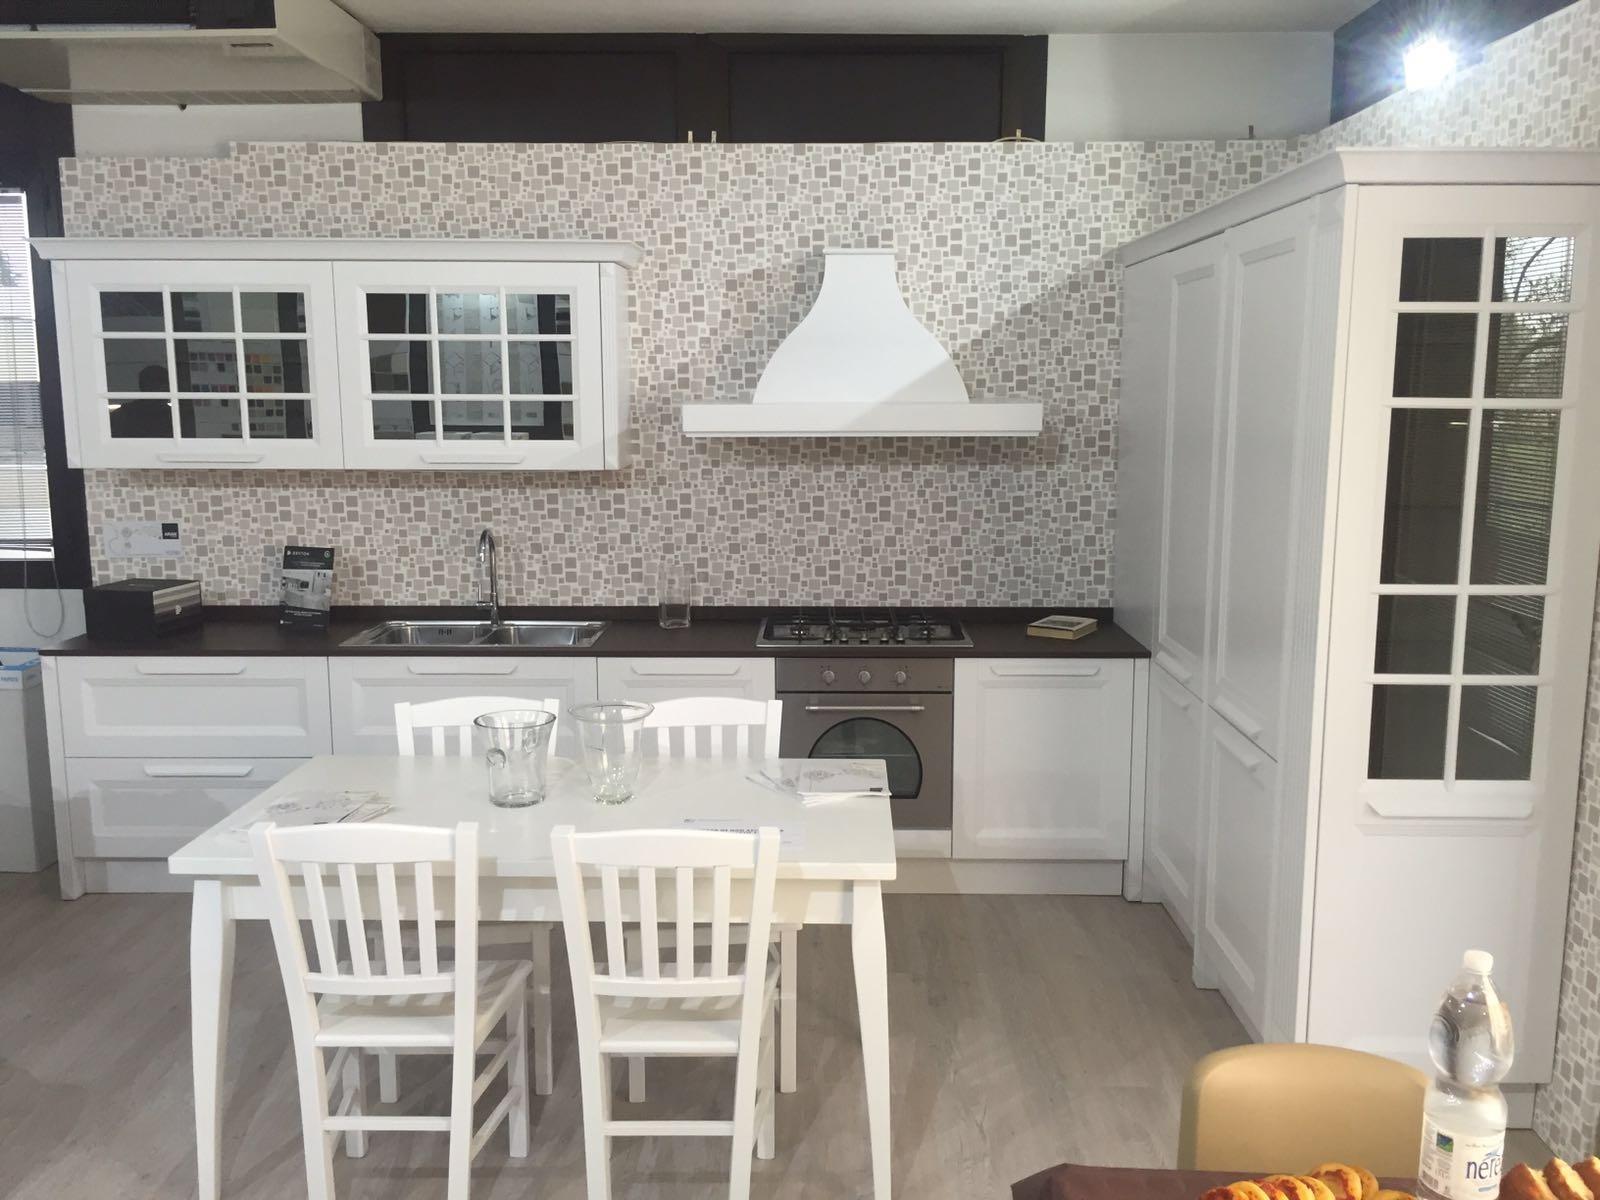 Cucina bianca aran cucine ylenia cucine a prezzi scontati - Cucine aran prezzi ...